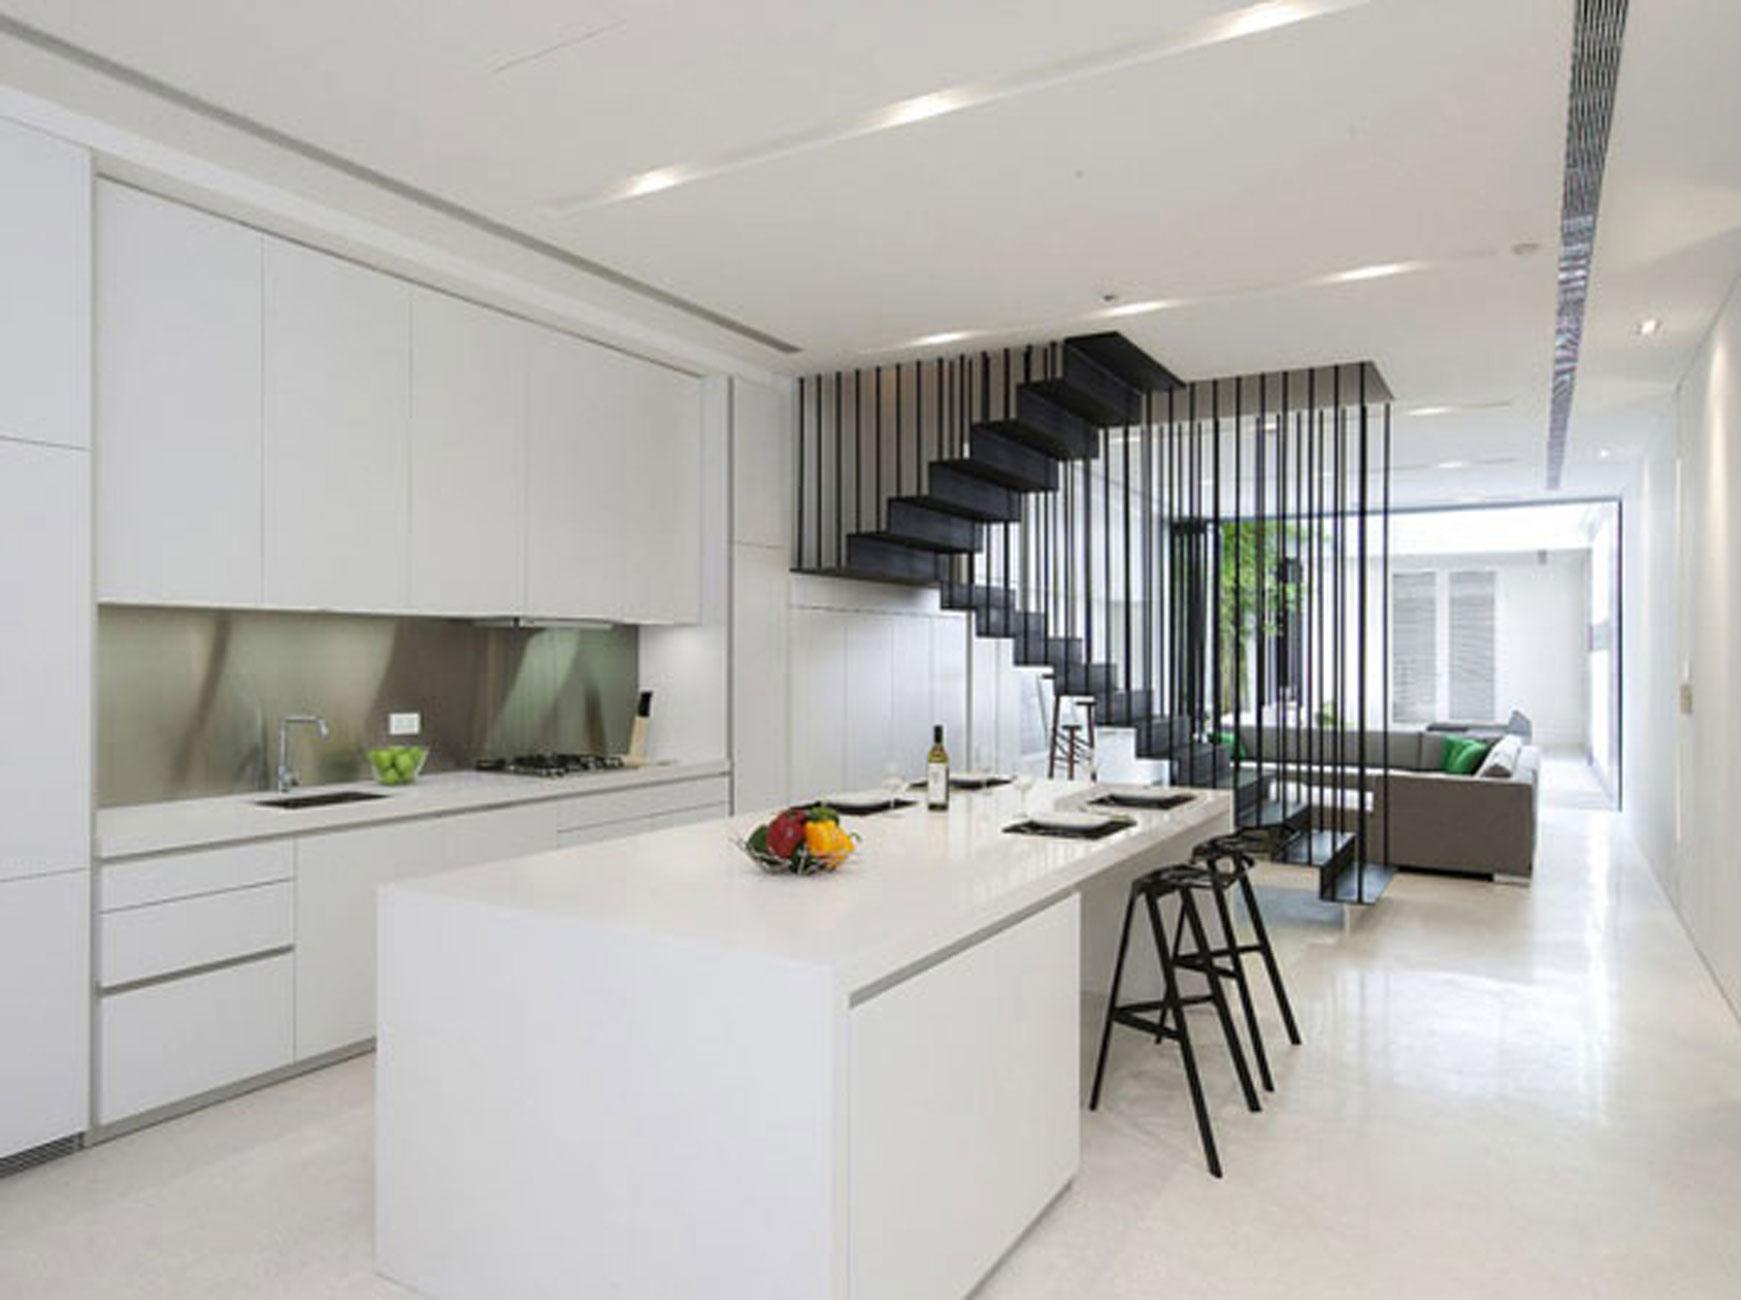 minimalistisk design-af-lejlighed-kicthen-sæt-med-sort-moderne-bar-afføring-siden-af-stue-rum